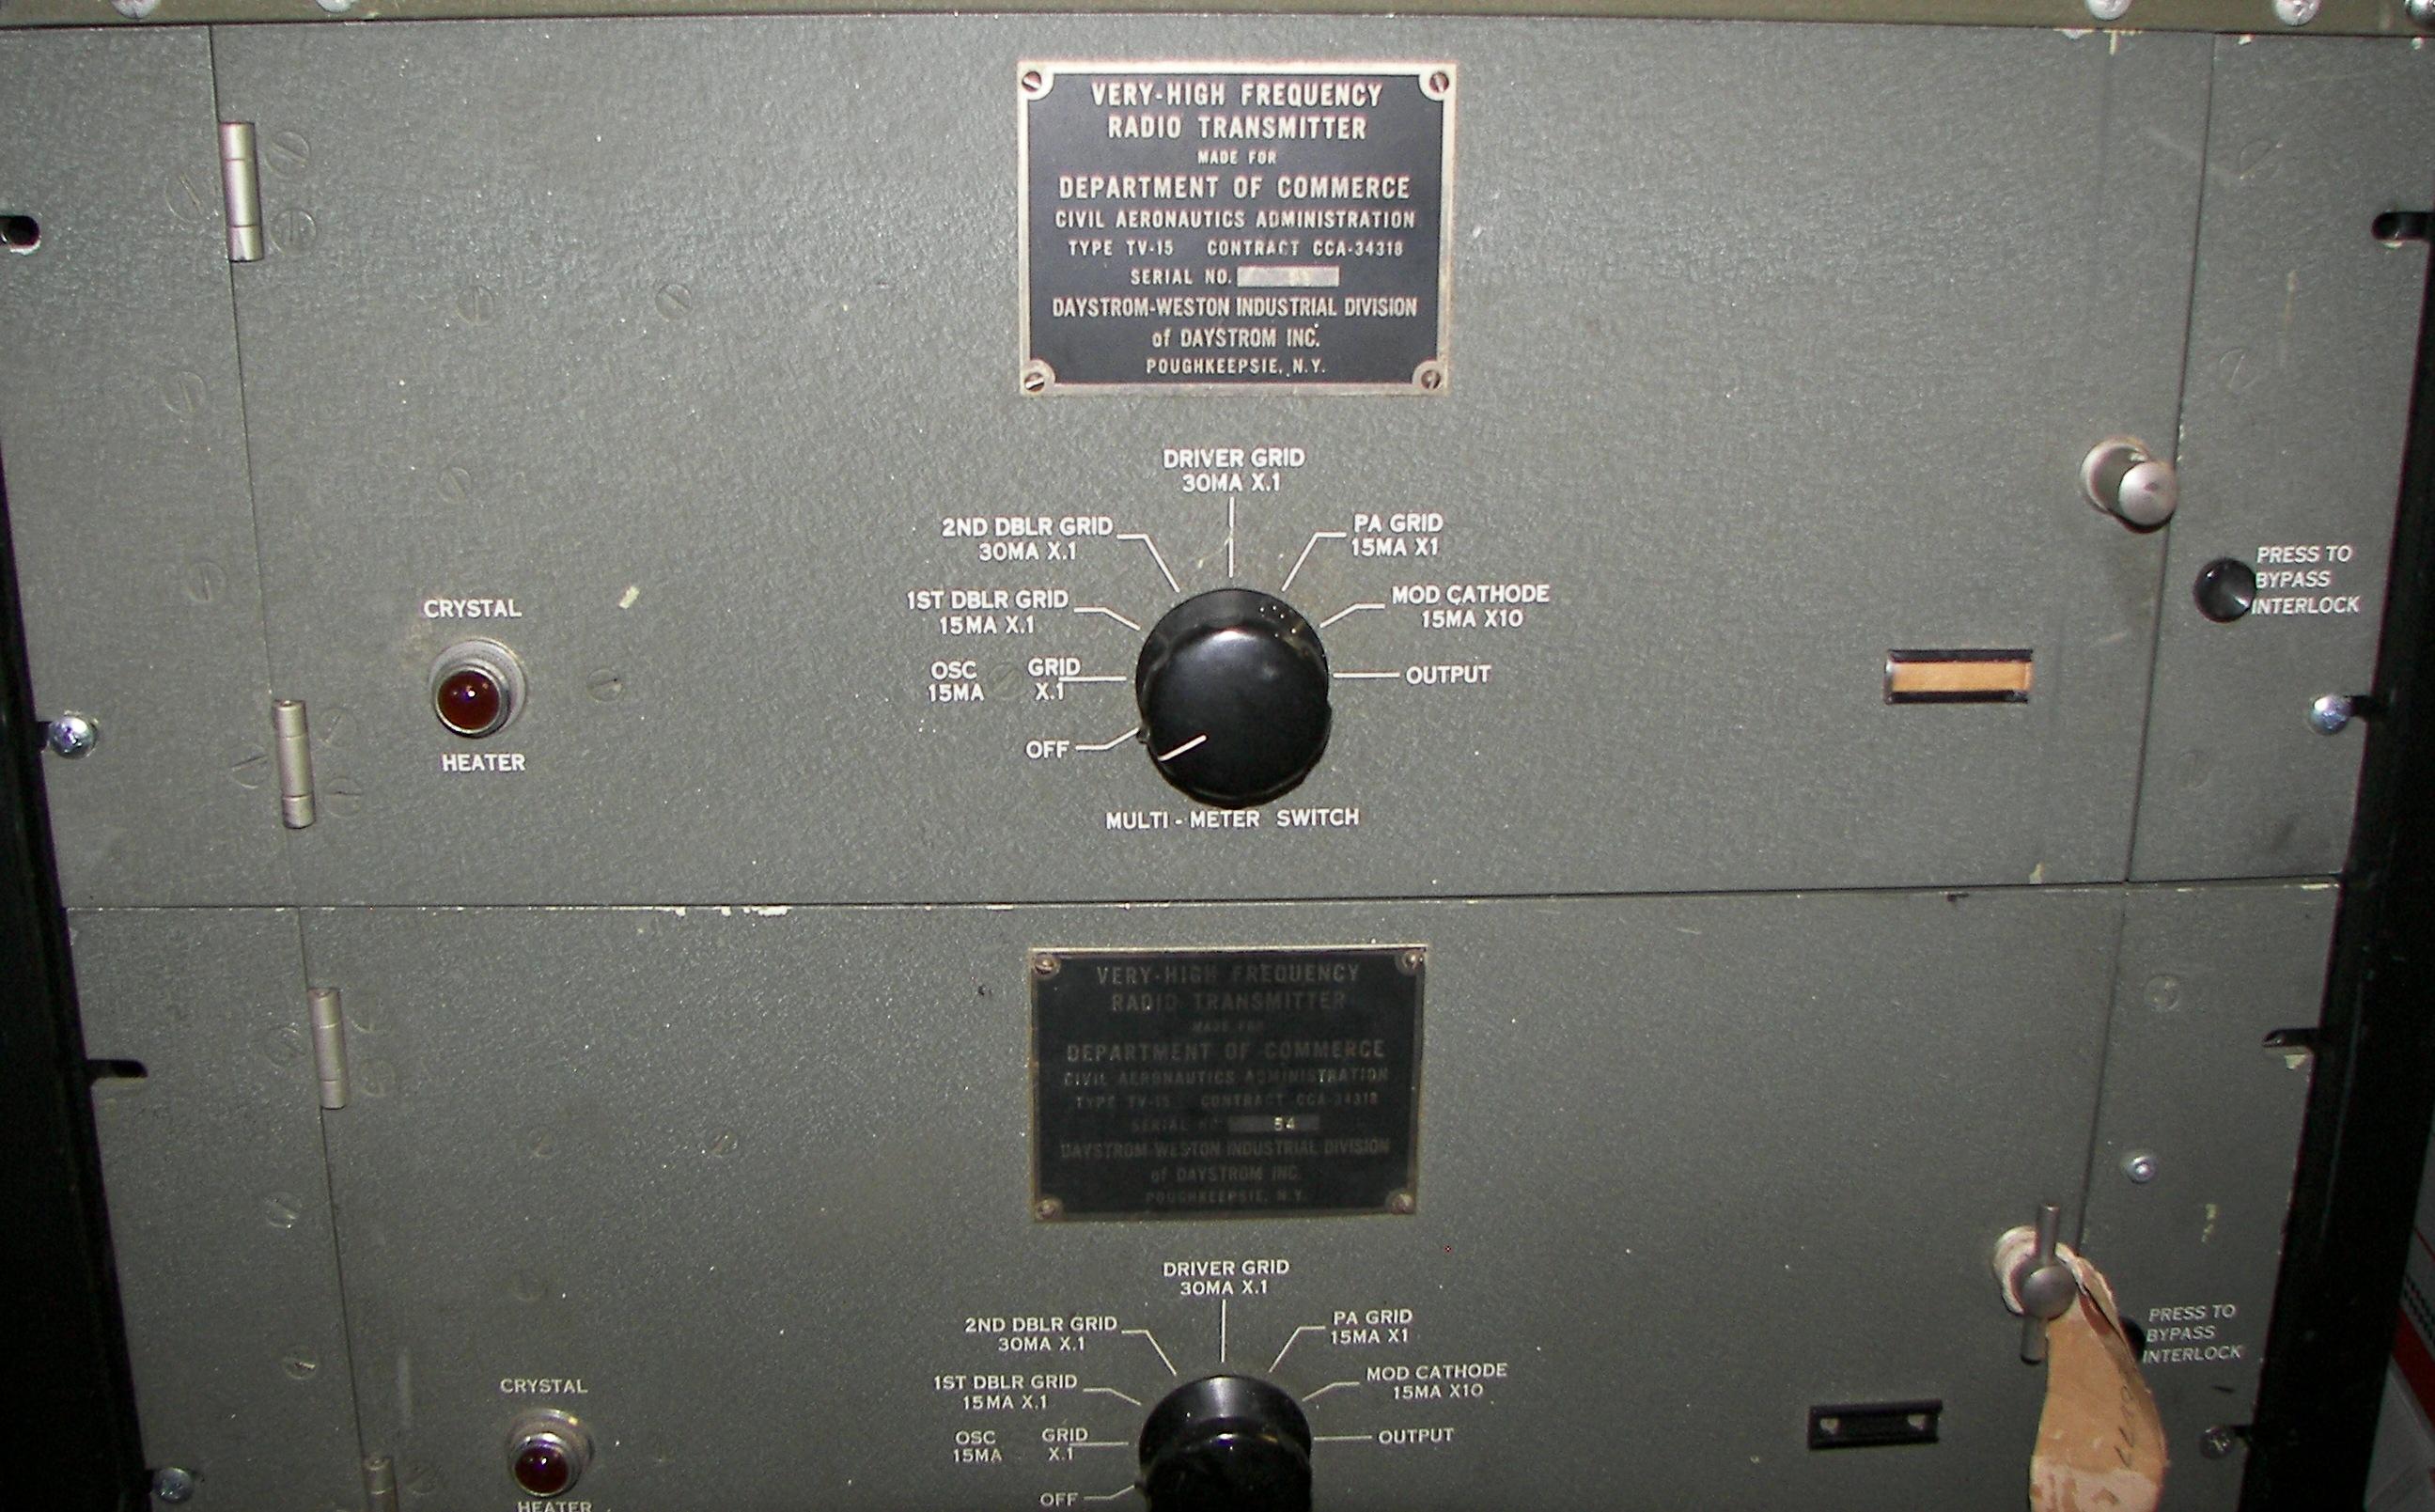 CAA (FAA) TV-15 VHF Transmitter